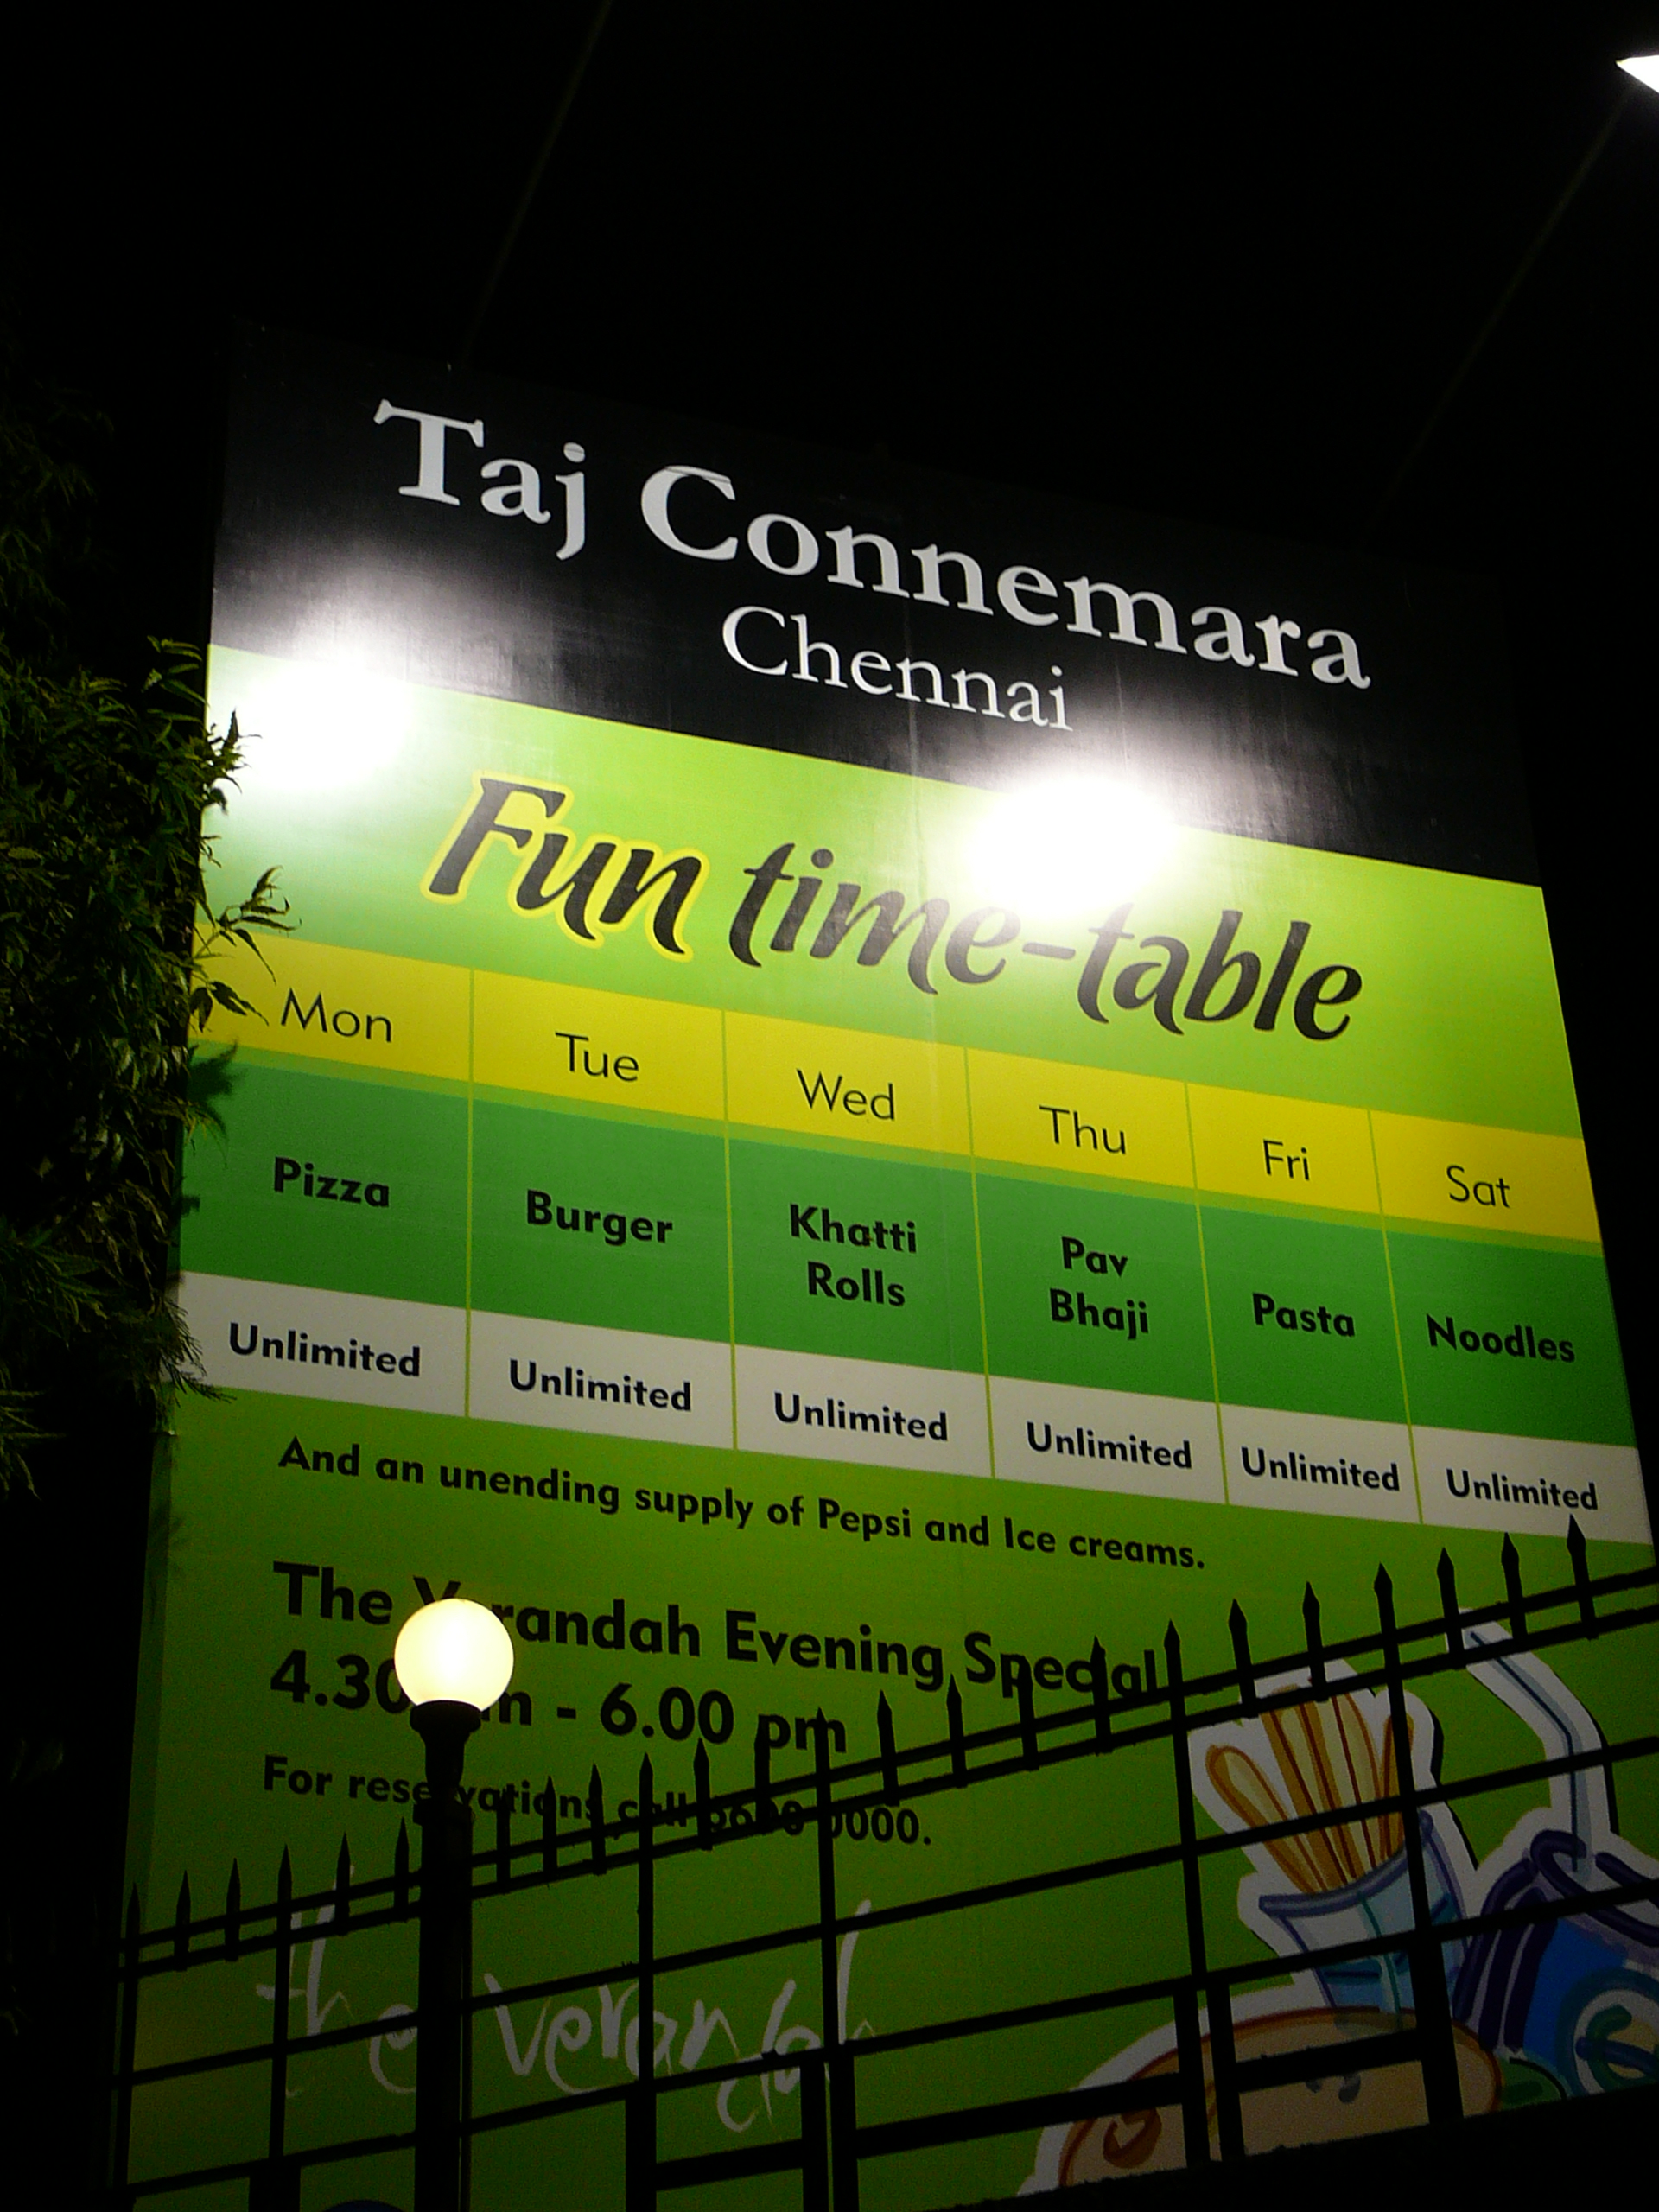 Taj-Connemara-Western-Food-Buffet-Meals-Pizza-Pasta